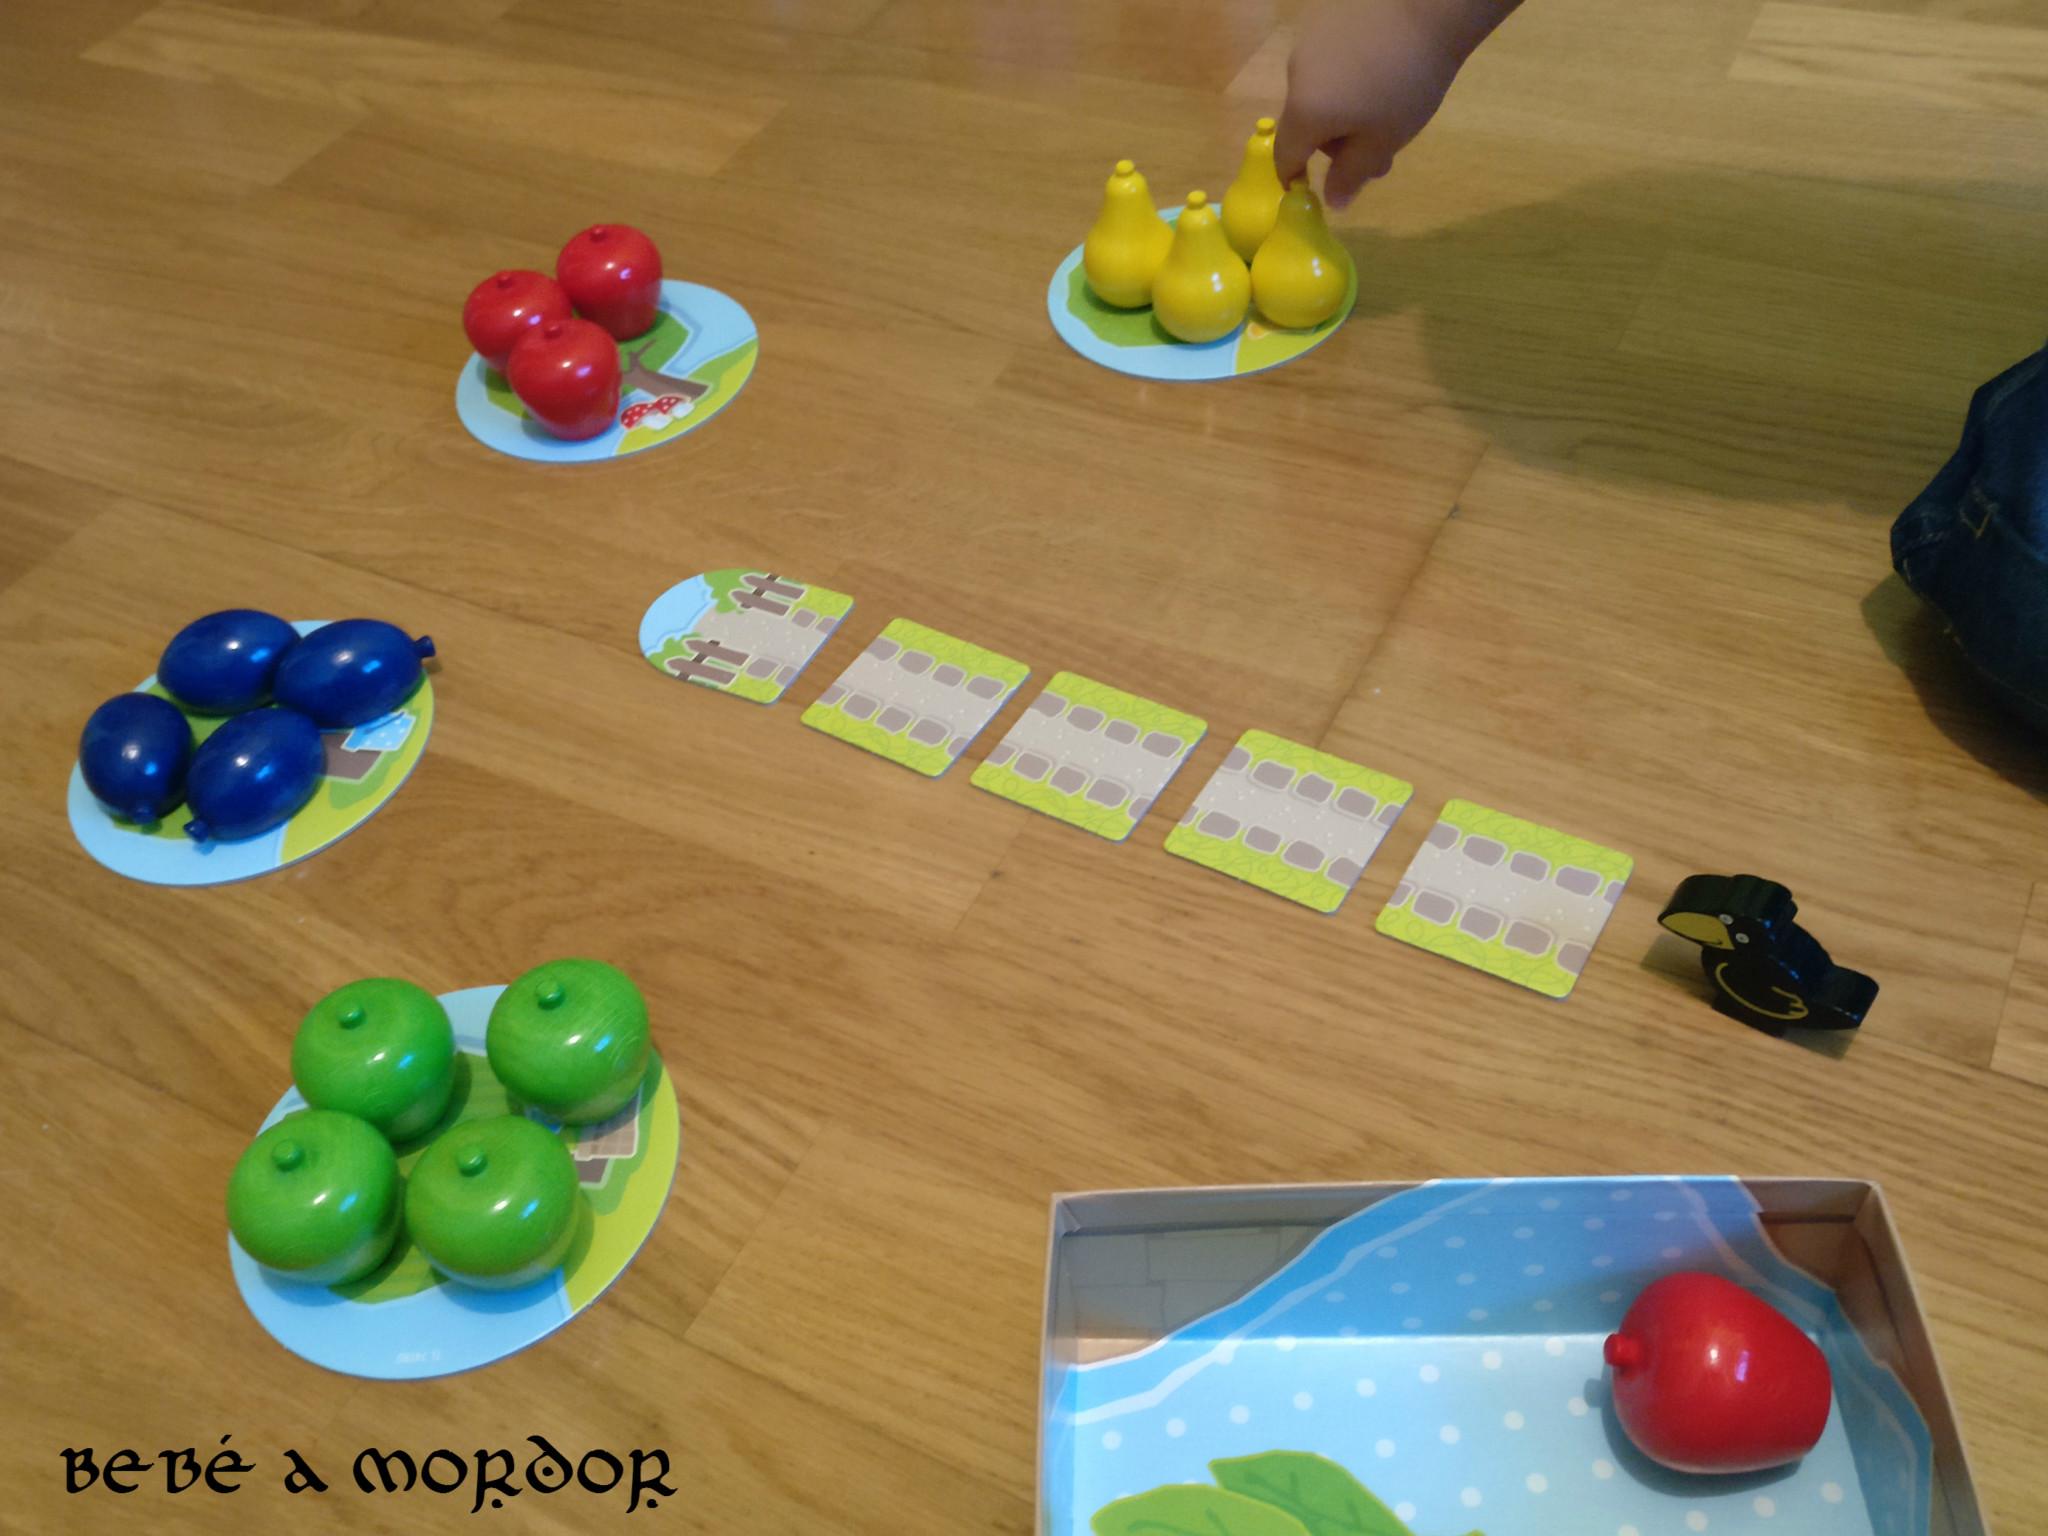 juego cooperativo para tolerar frustración Primer Frutal